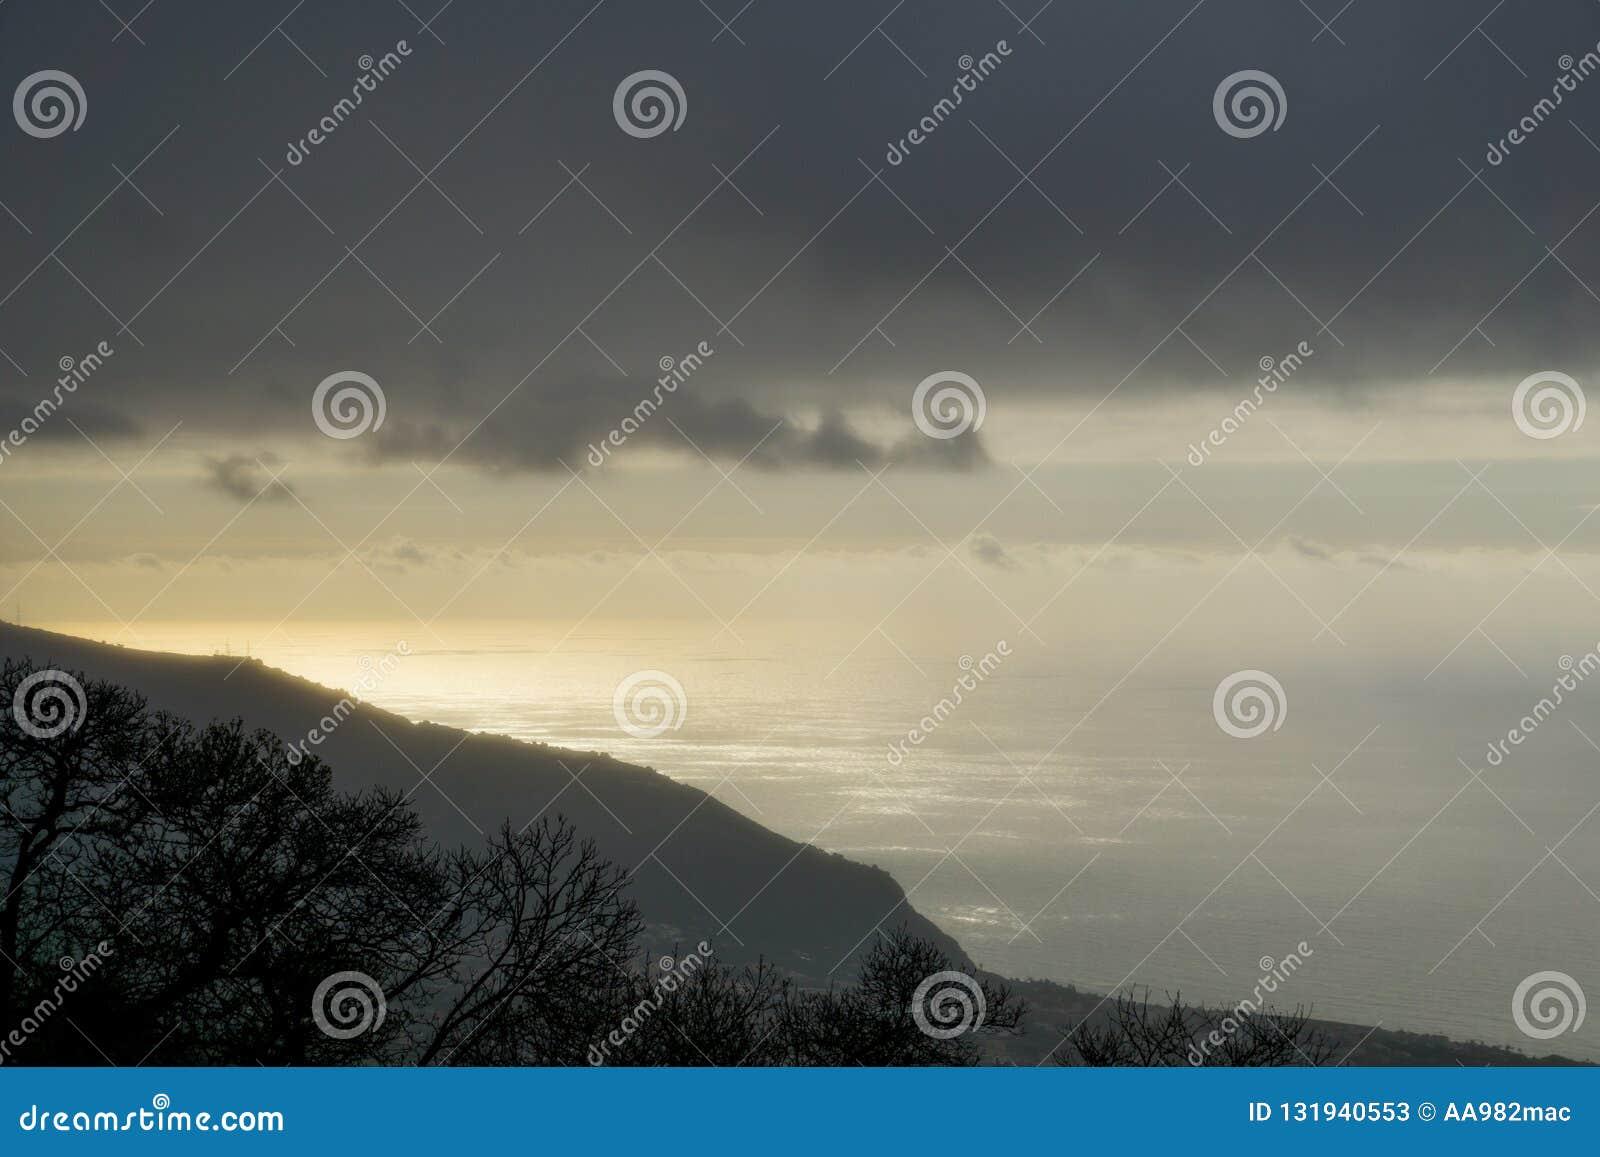 Sonnenuntergang mit Mischwetter